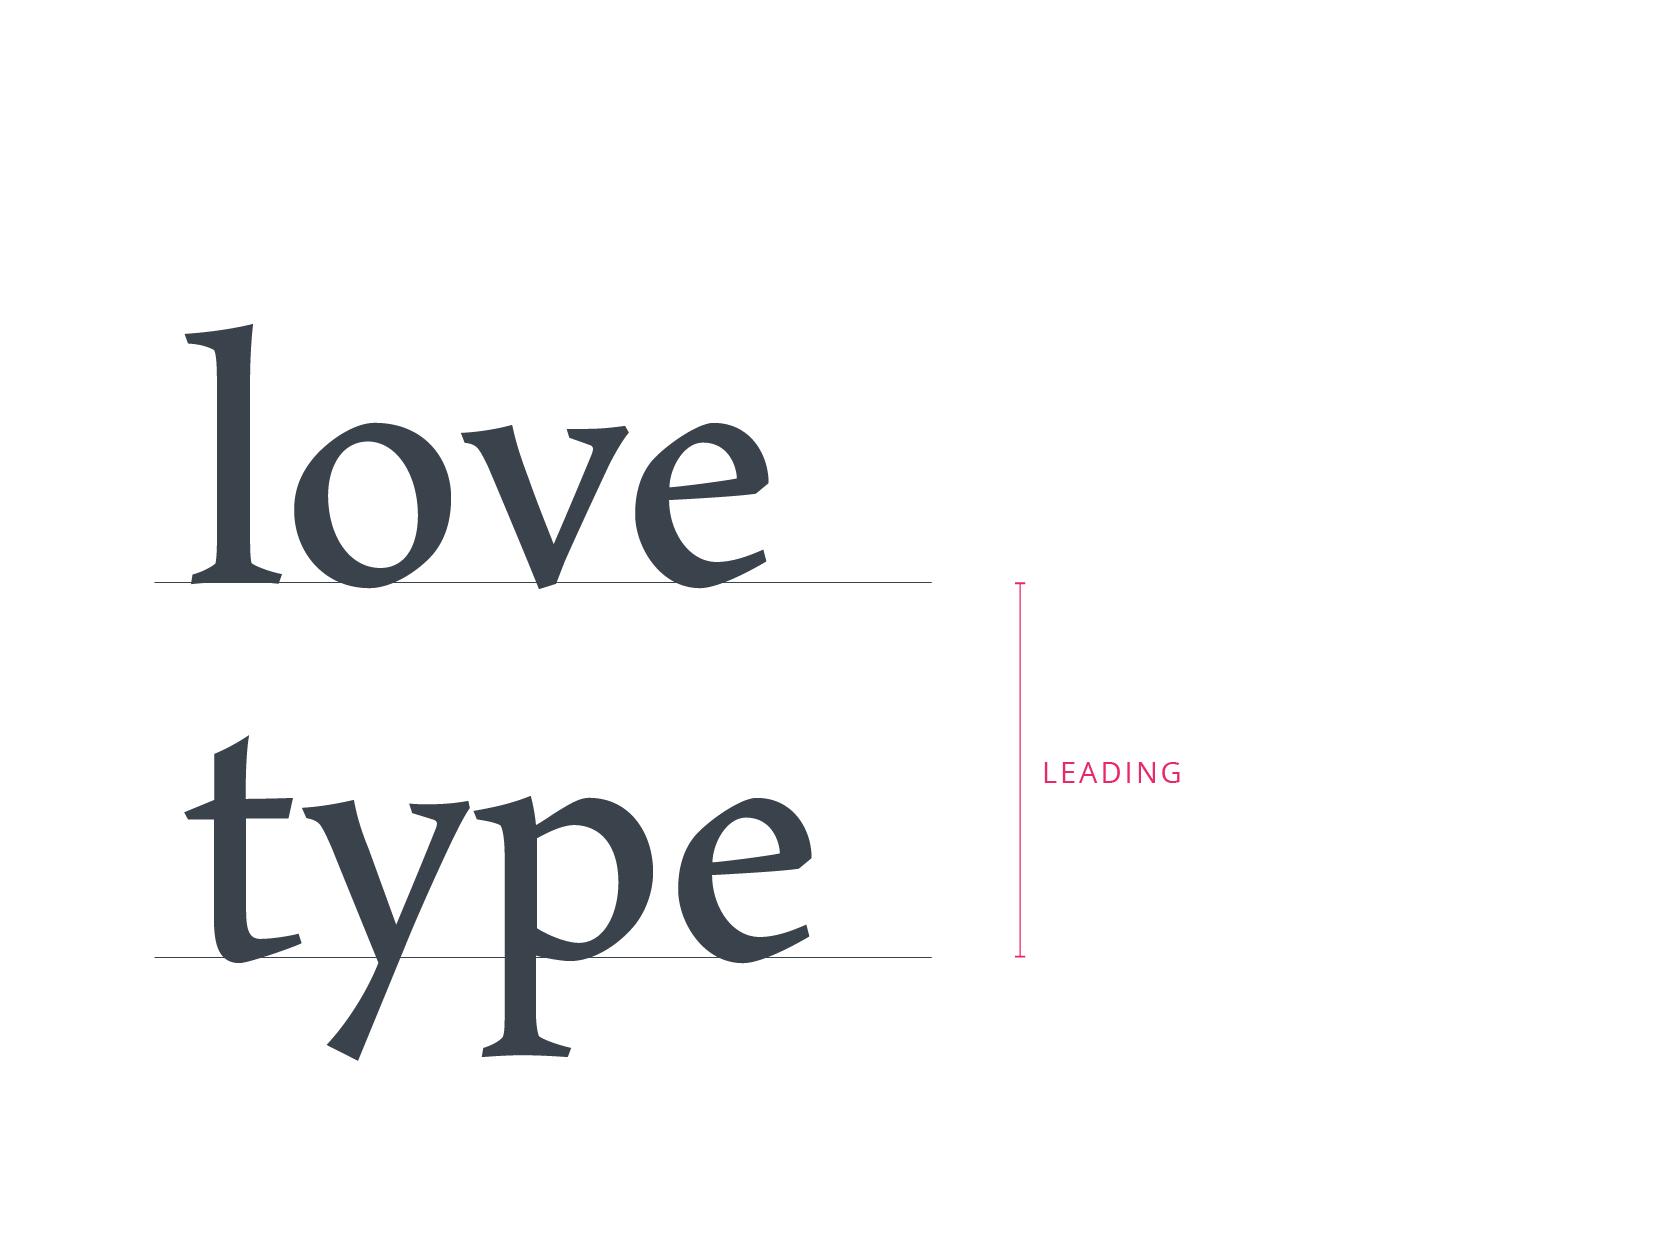 tubik_typography_leading